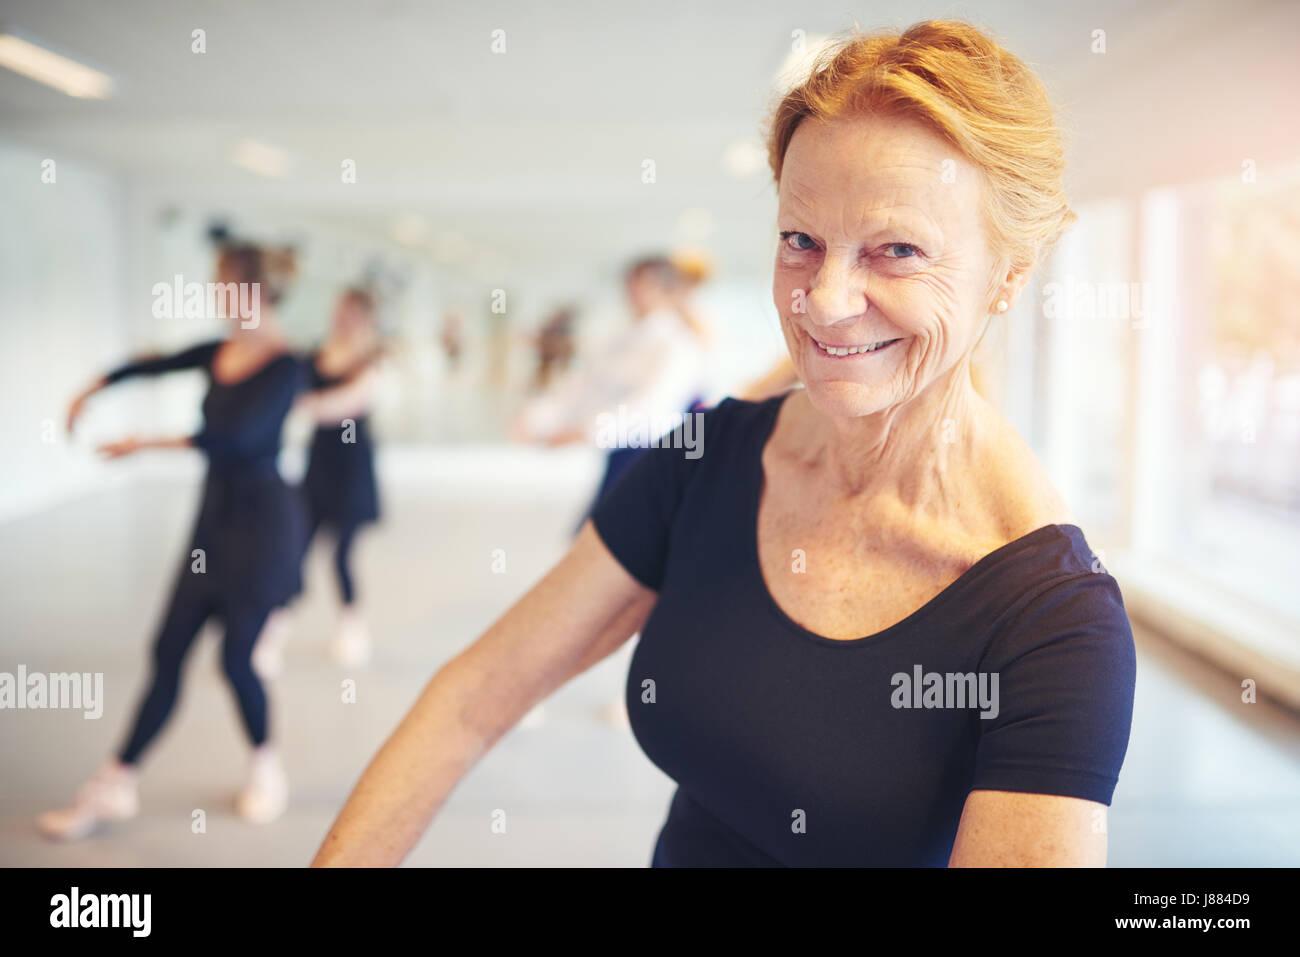 Pics amateur mature women Galleries